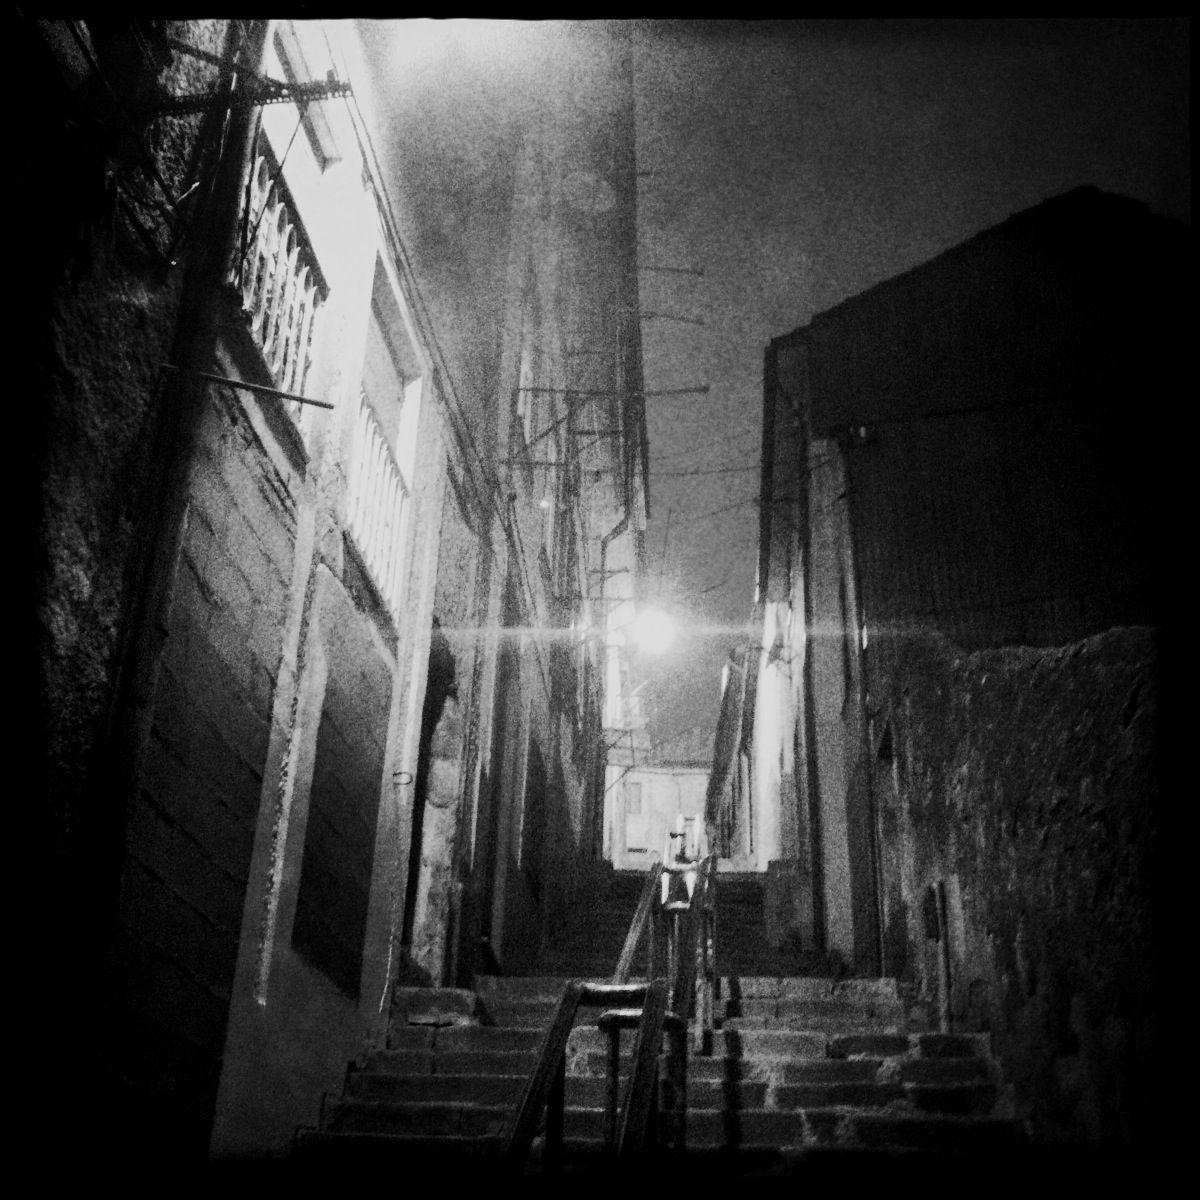 Die einsamen Momente erinnern derweil an das goldene Zeitalter der Nouvelle Vague